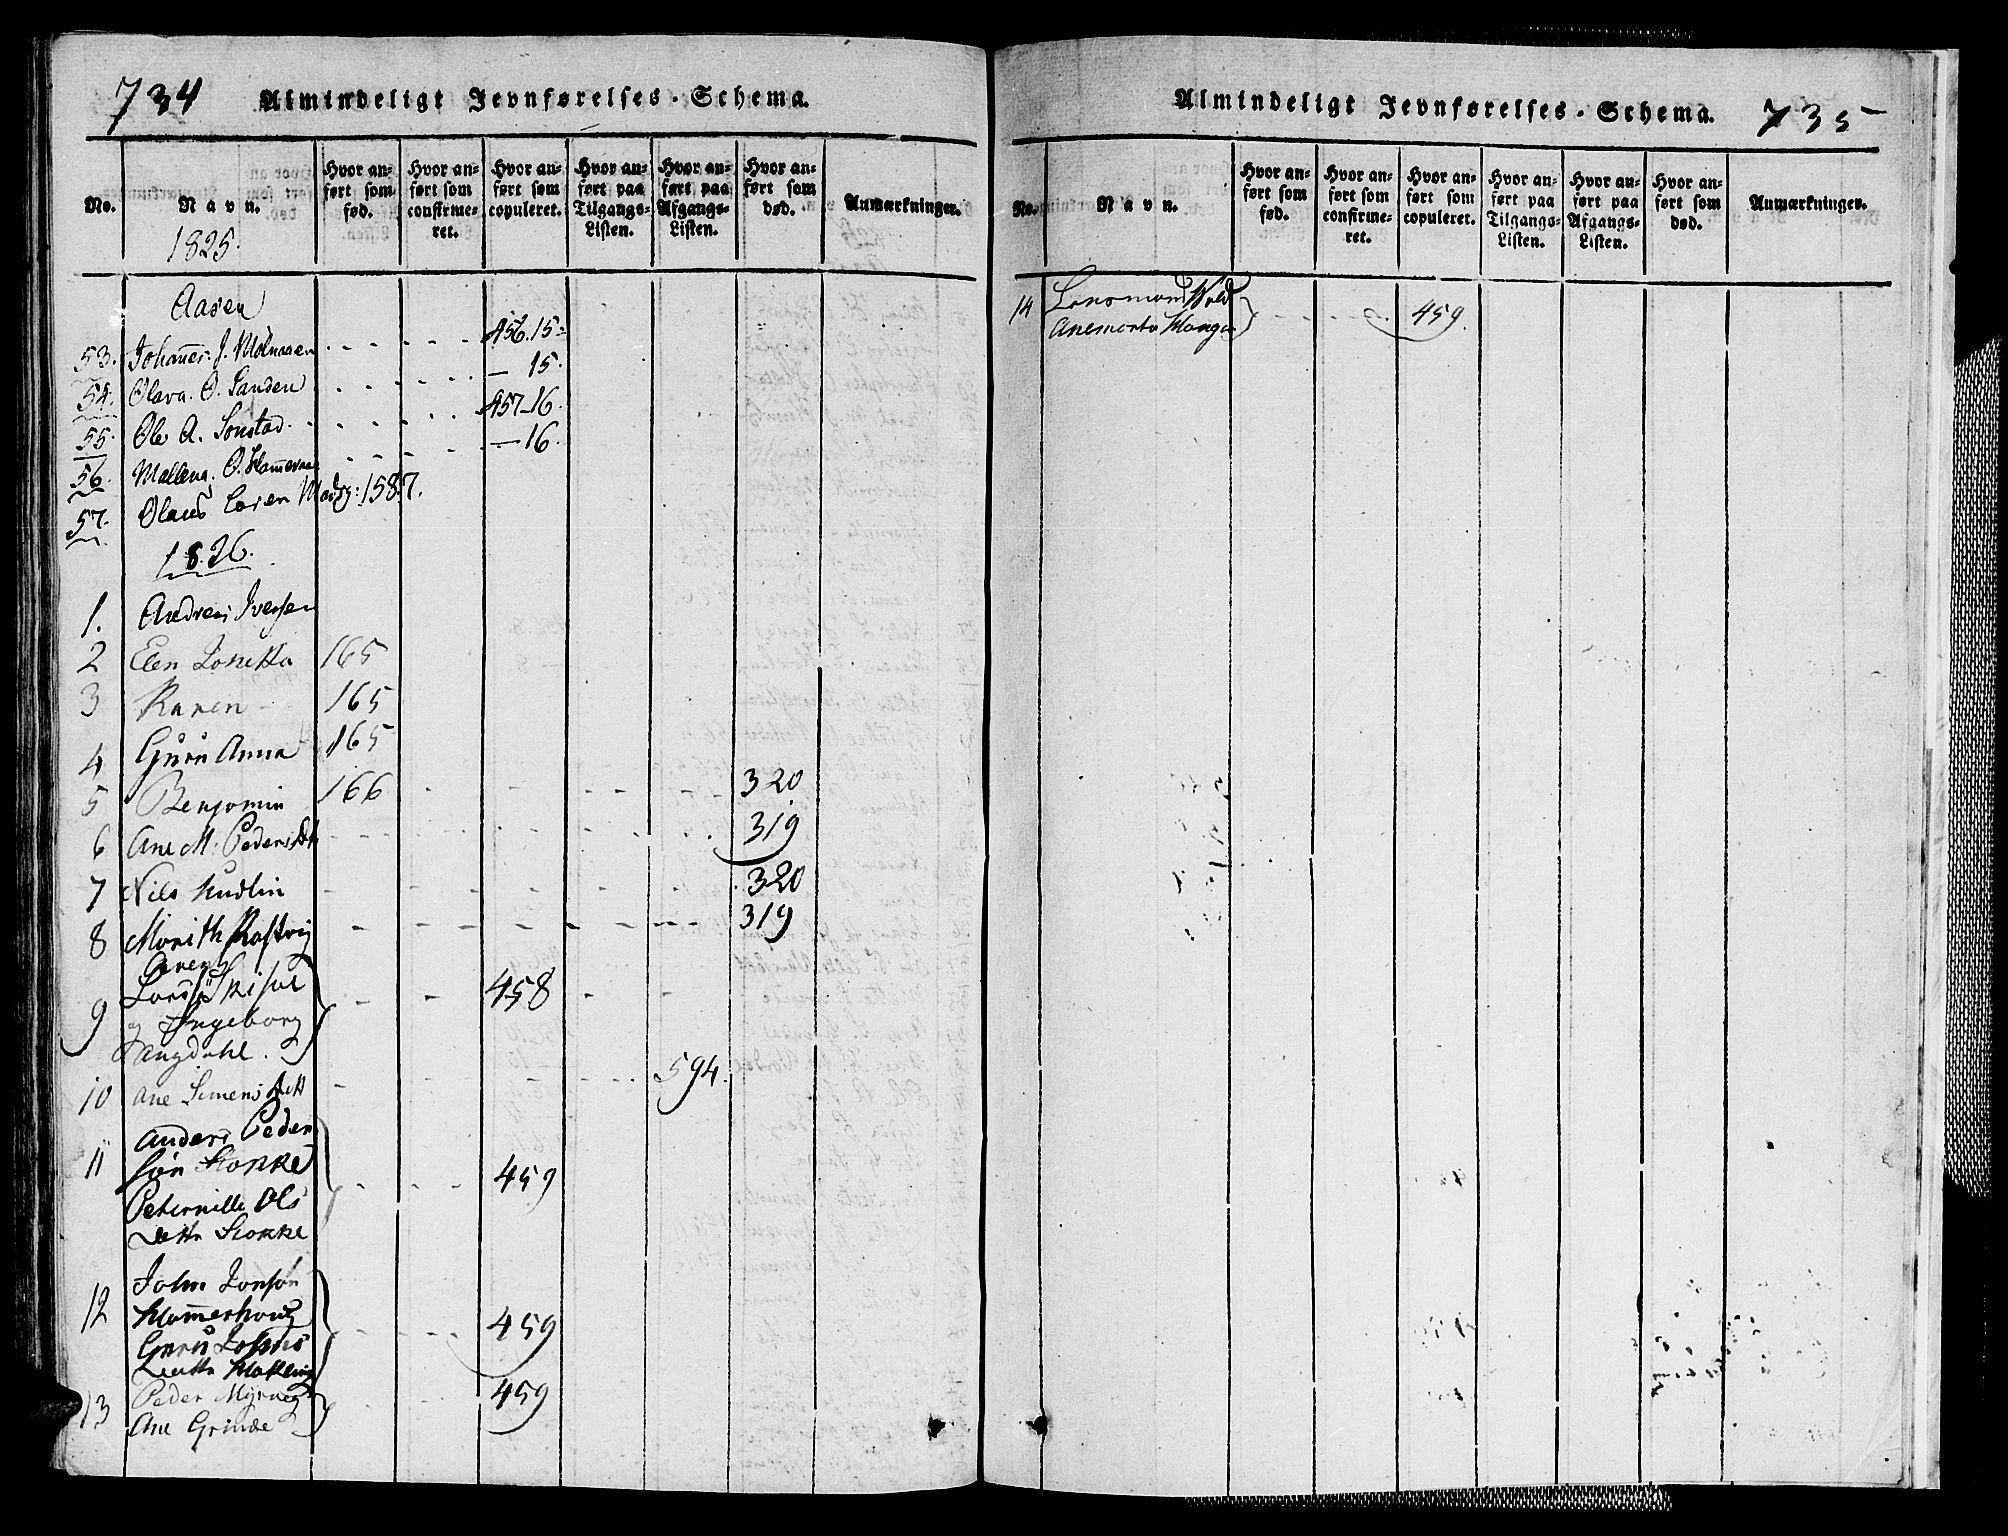 SAT, Ministerialprotokoller, klokkerbøker og fødselsregistre - Nord-Trøndelag, 713/L0112: Ministerialbok nr. 713A04 /2, 1817-1827, s. 734-735